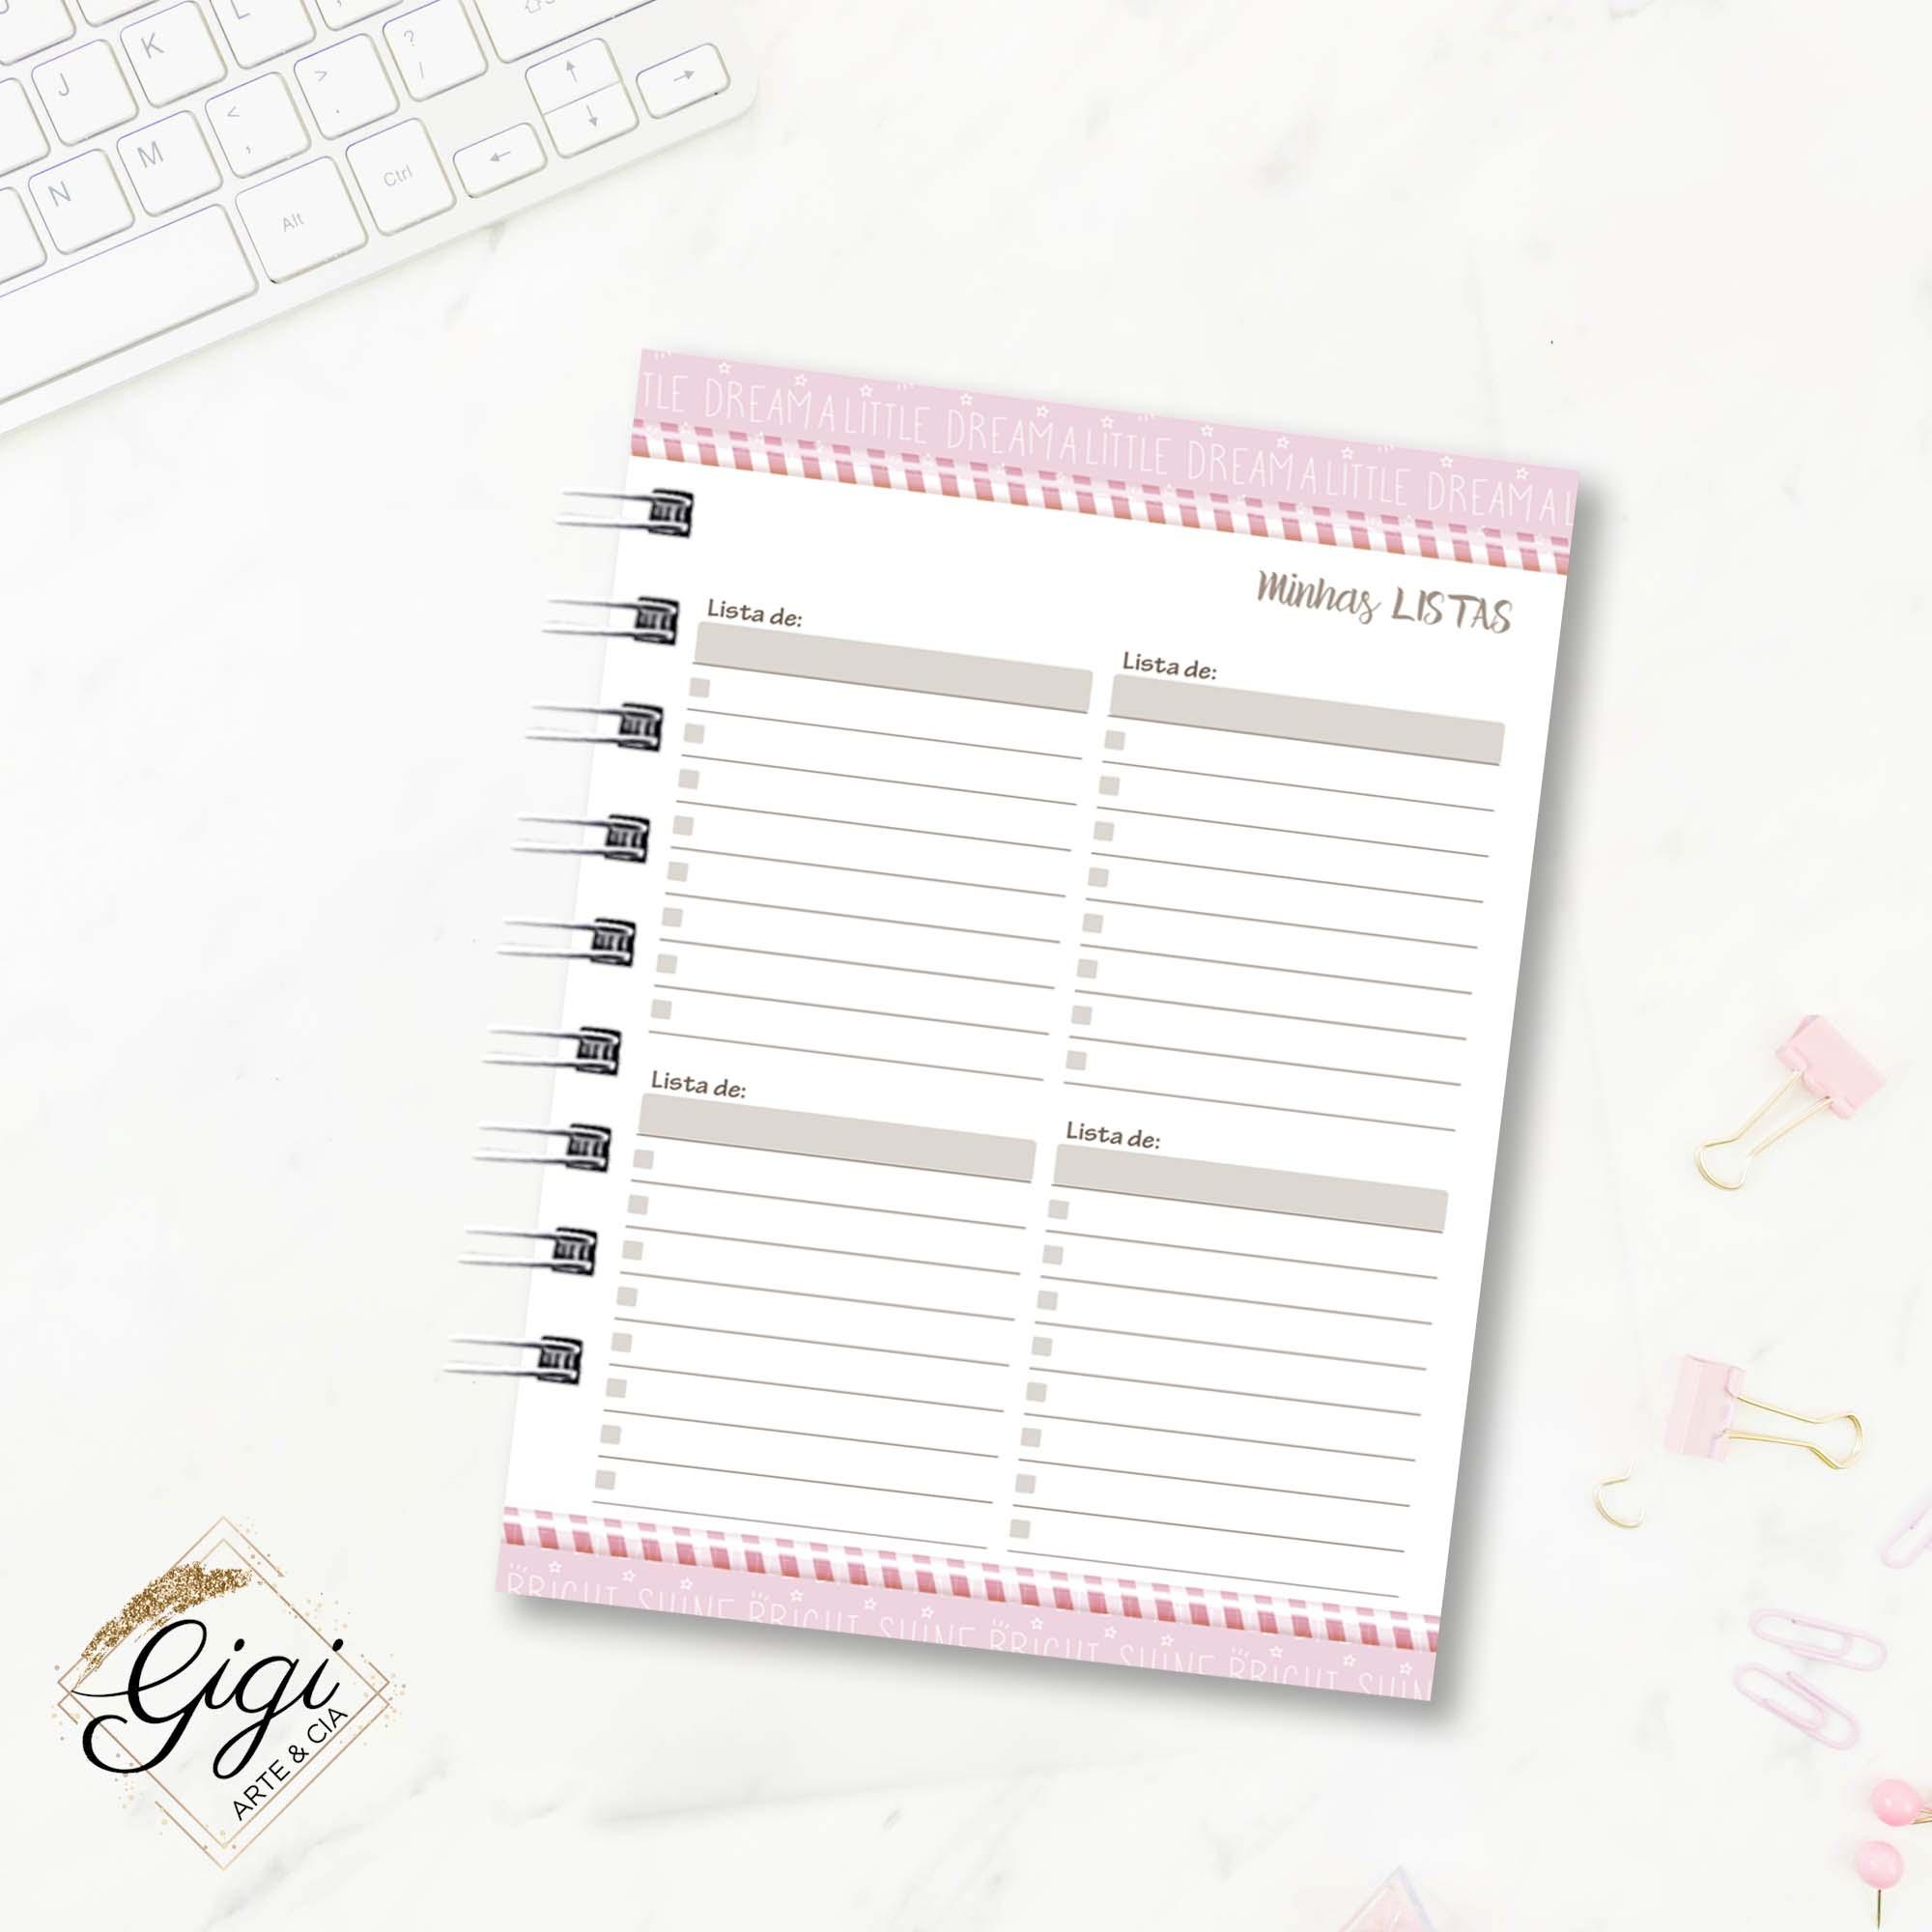 Agenda Permanente A6 - Candy Girls  - Gigi Arte e Cia